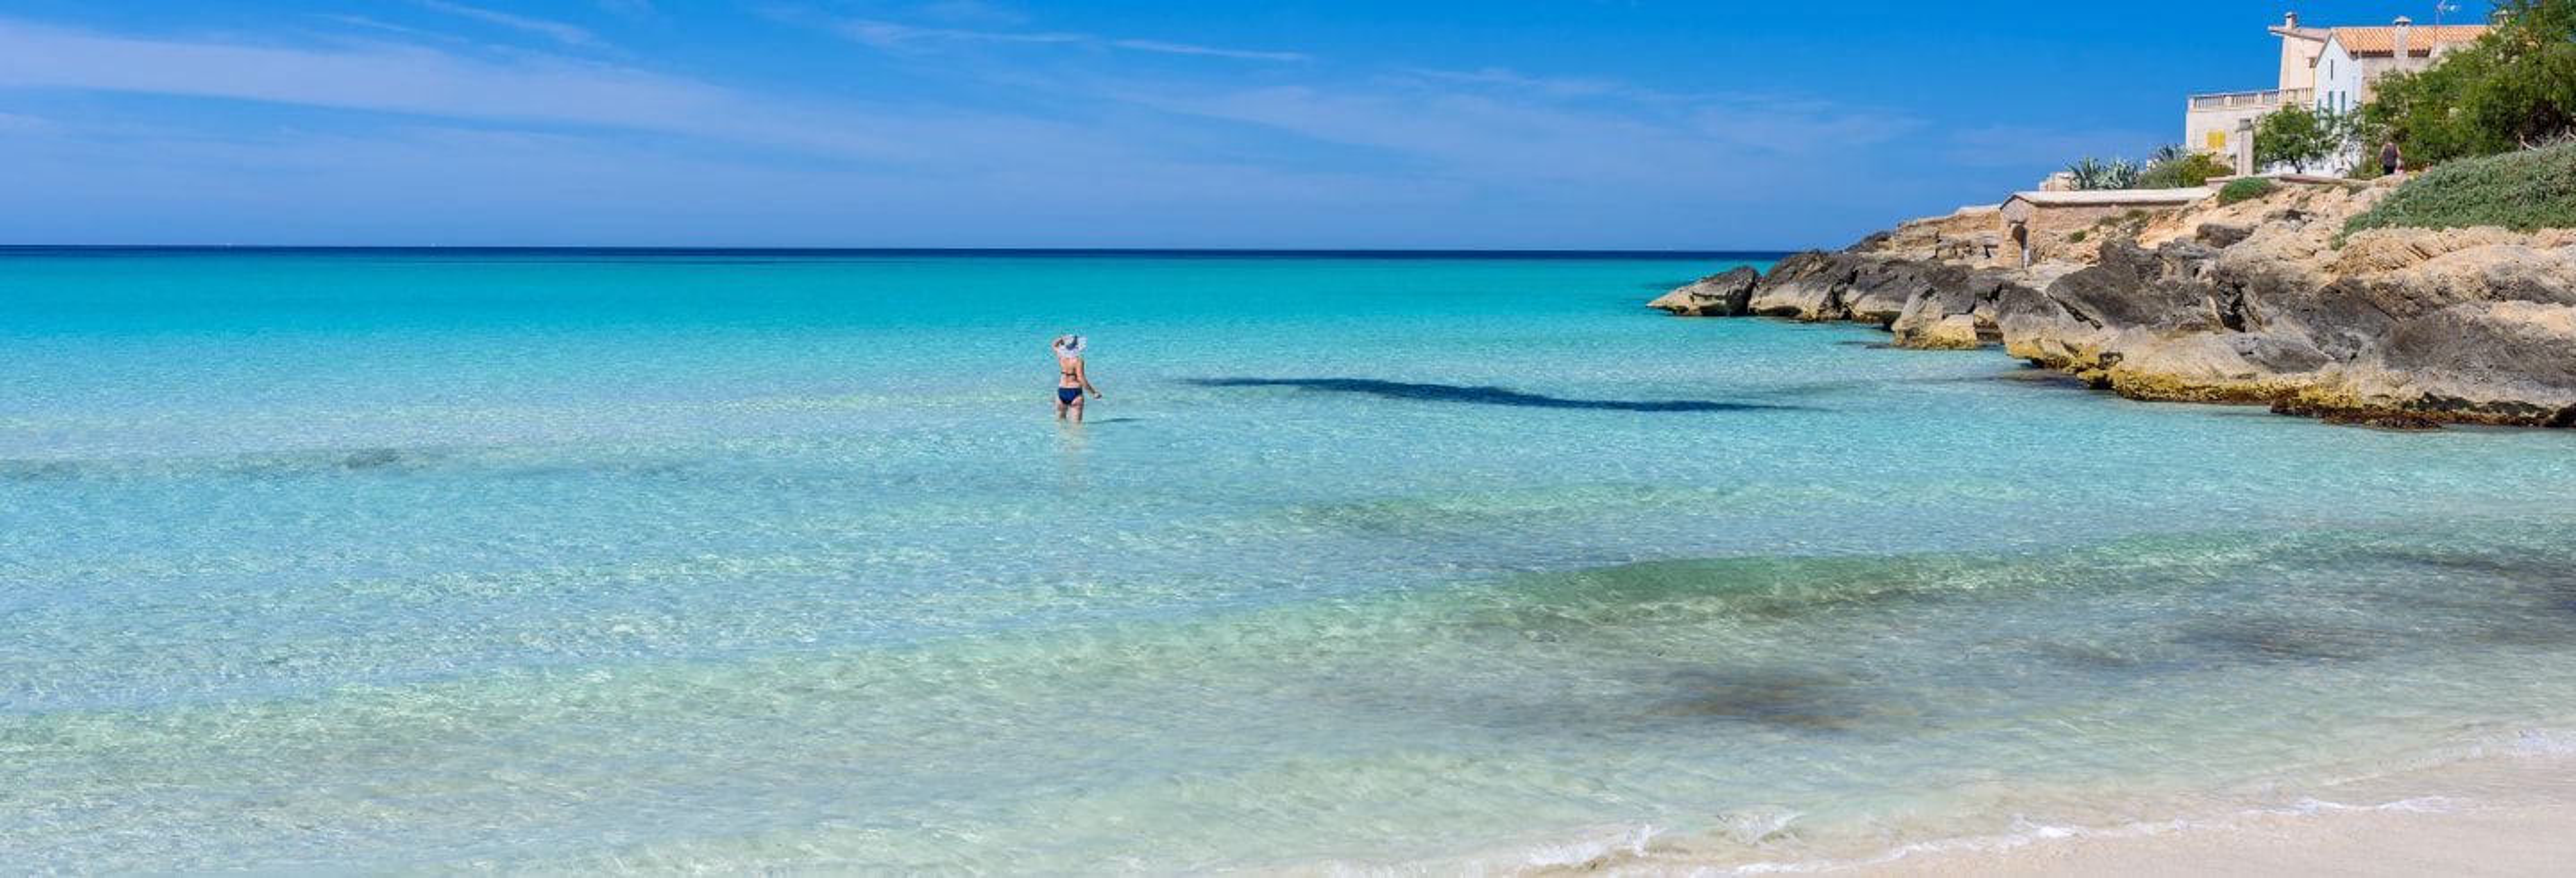 Excursión a Playa Es Trenc por libre